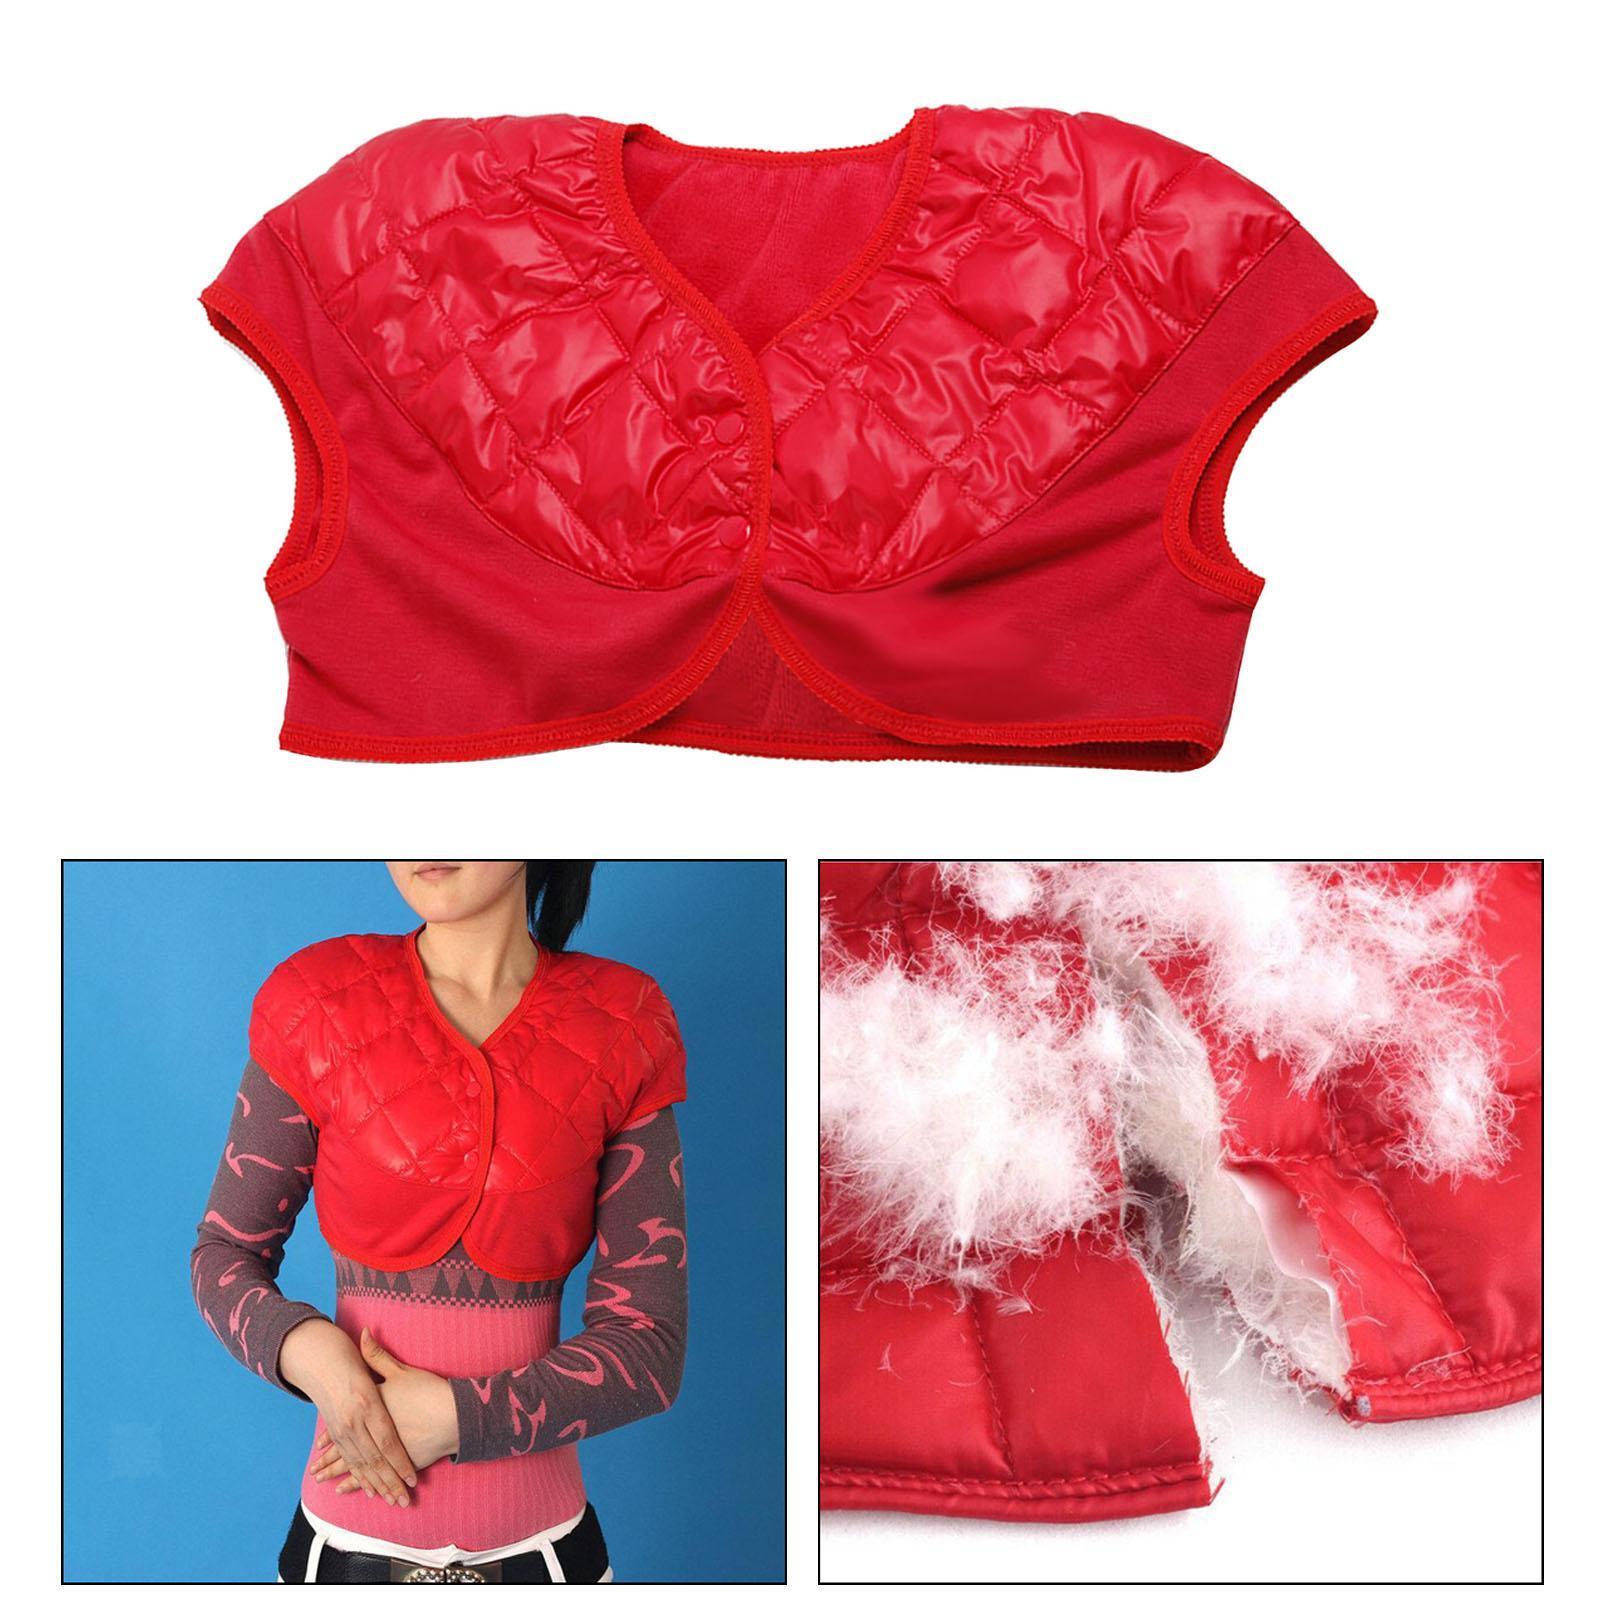 Femmes-Hommes-Down-Jacket-Chaud-Manteau-Court-Epaule-Chaud-Thermique-Wrap miniatura 53